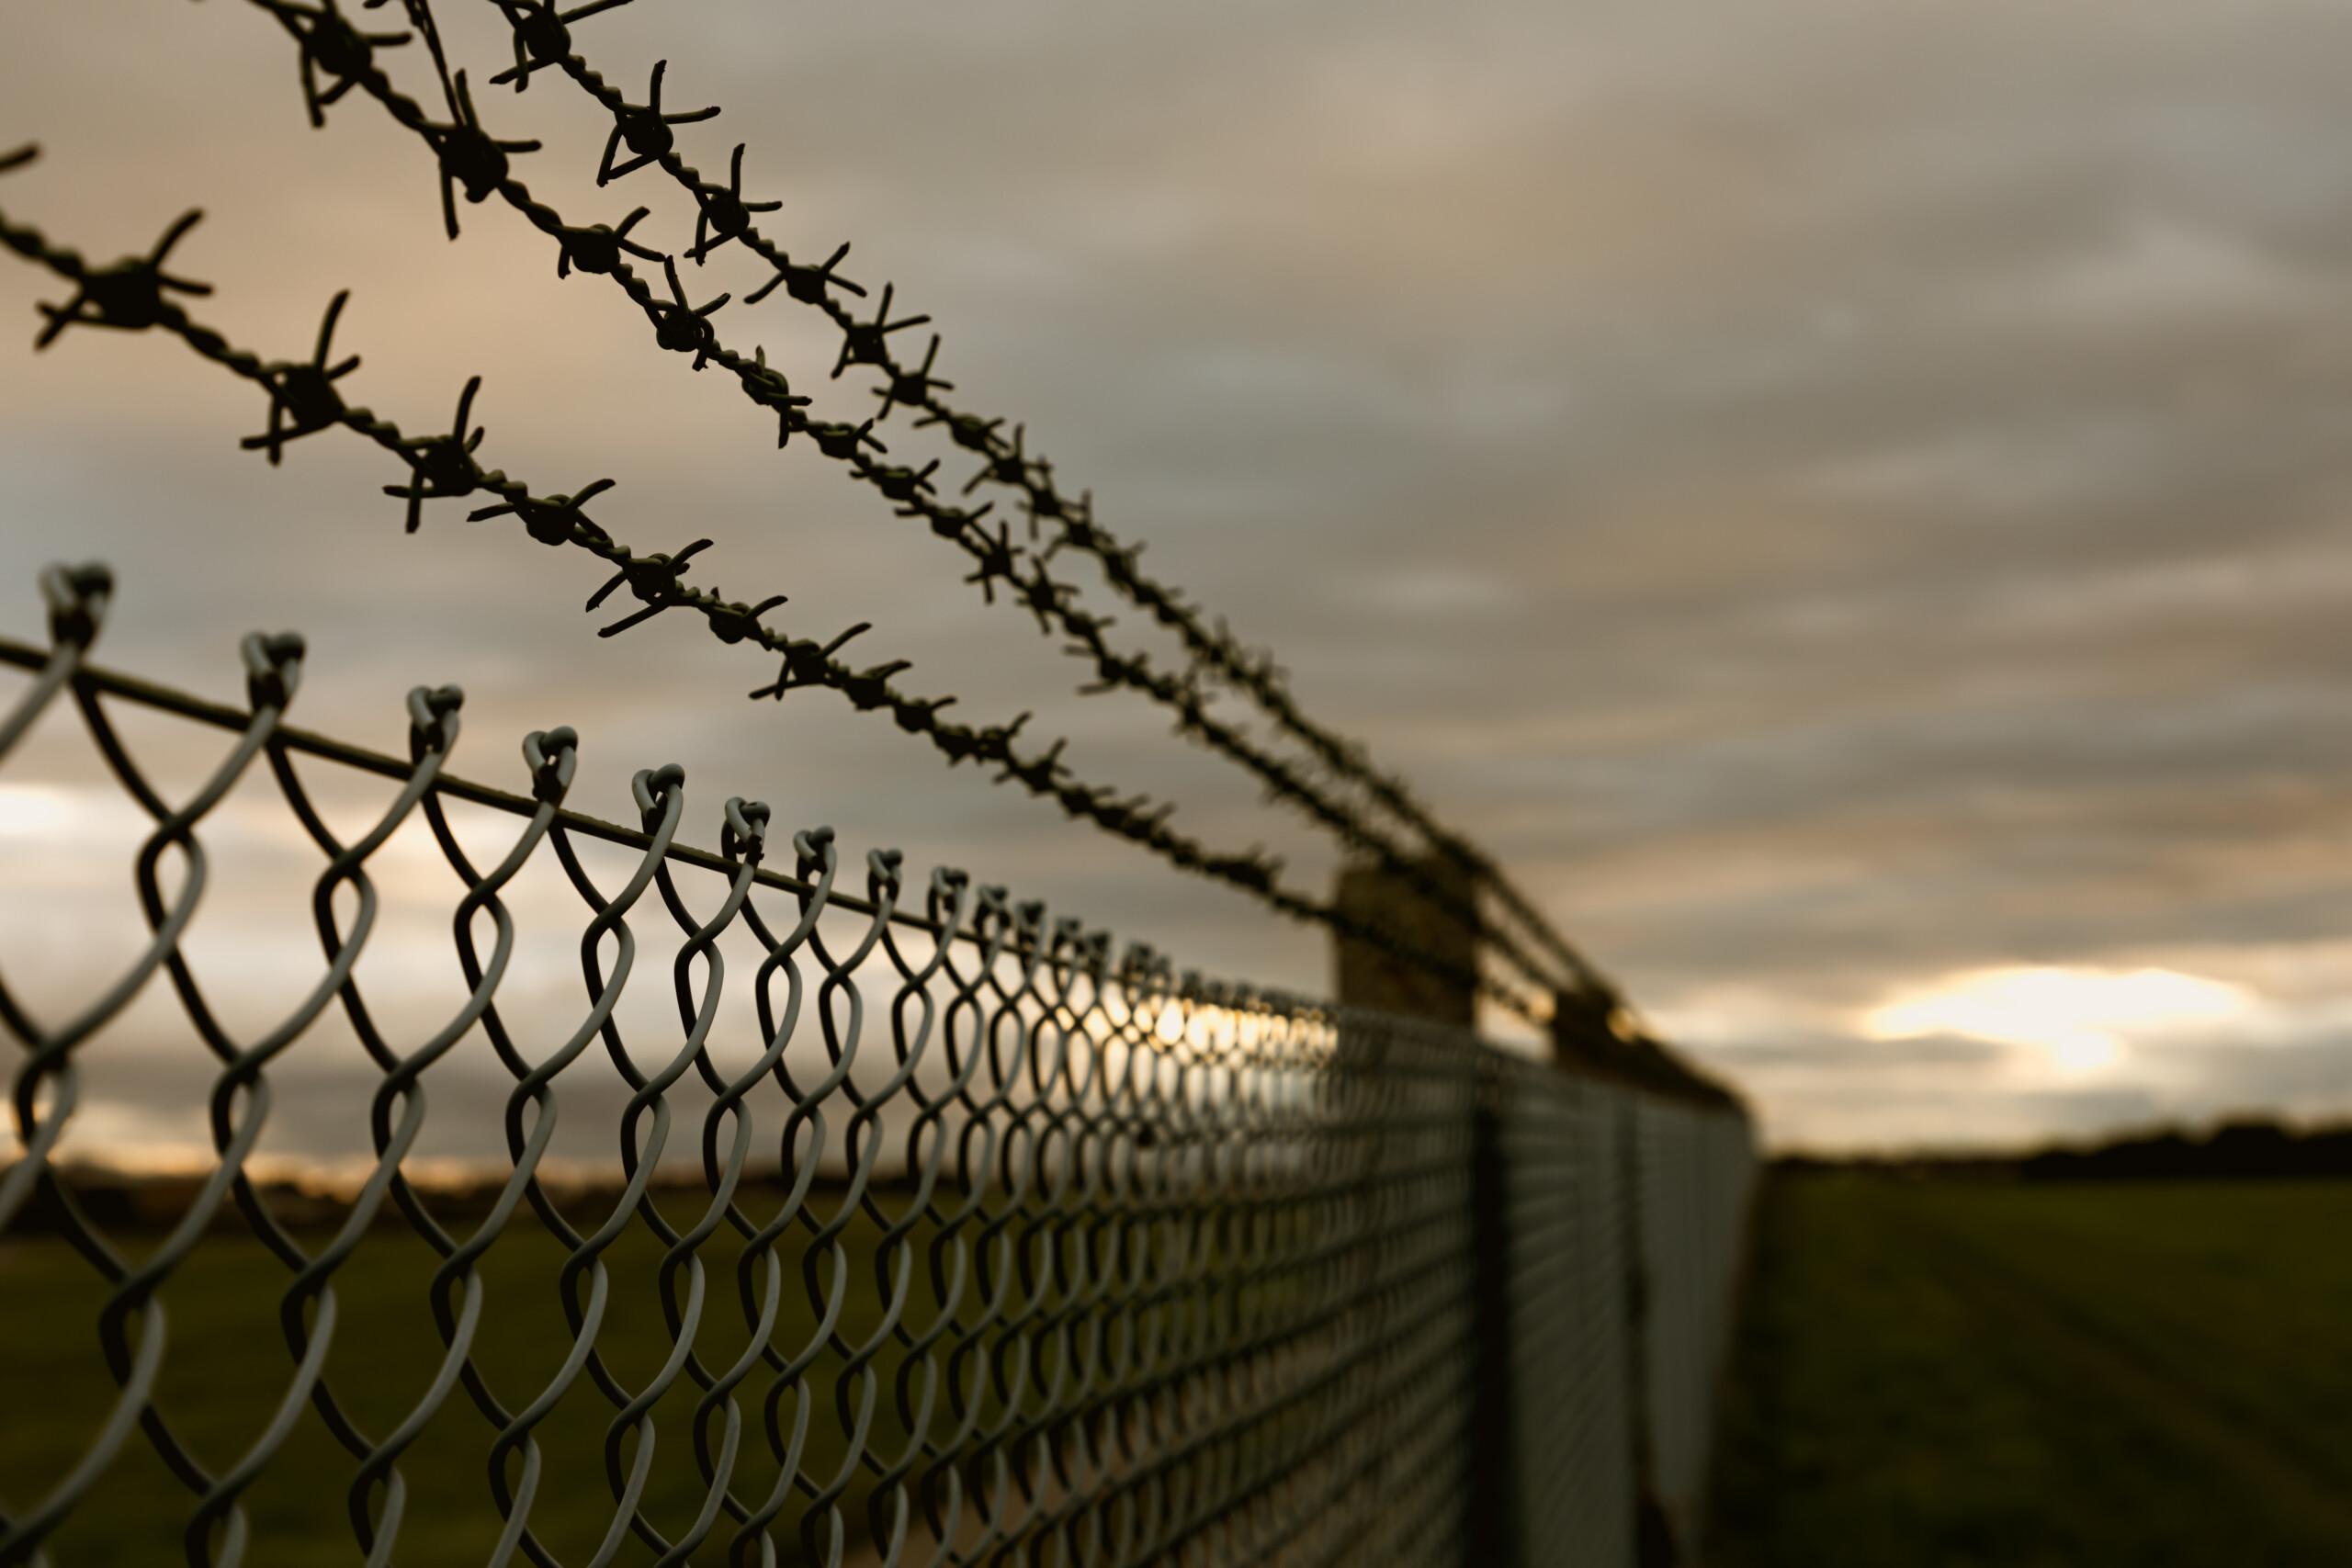 """Εξωτερικοί φρουροί """"έπιασαν"""" δέμα με ναρκωτικά έξω από τις φυλακές Κορυδαλλού – Συγχαρητήρια από την ΠΟΕΥΦ"""